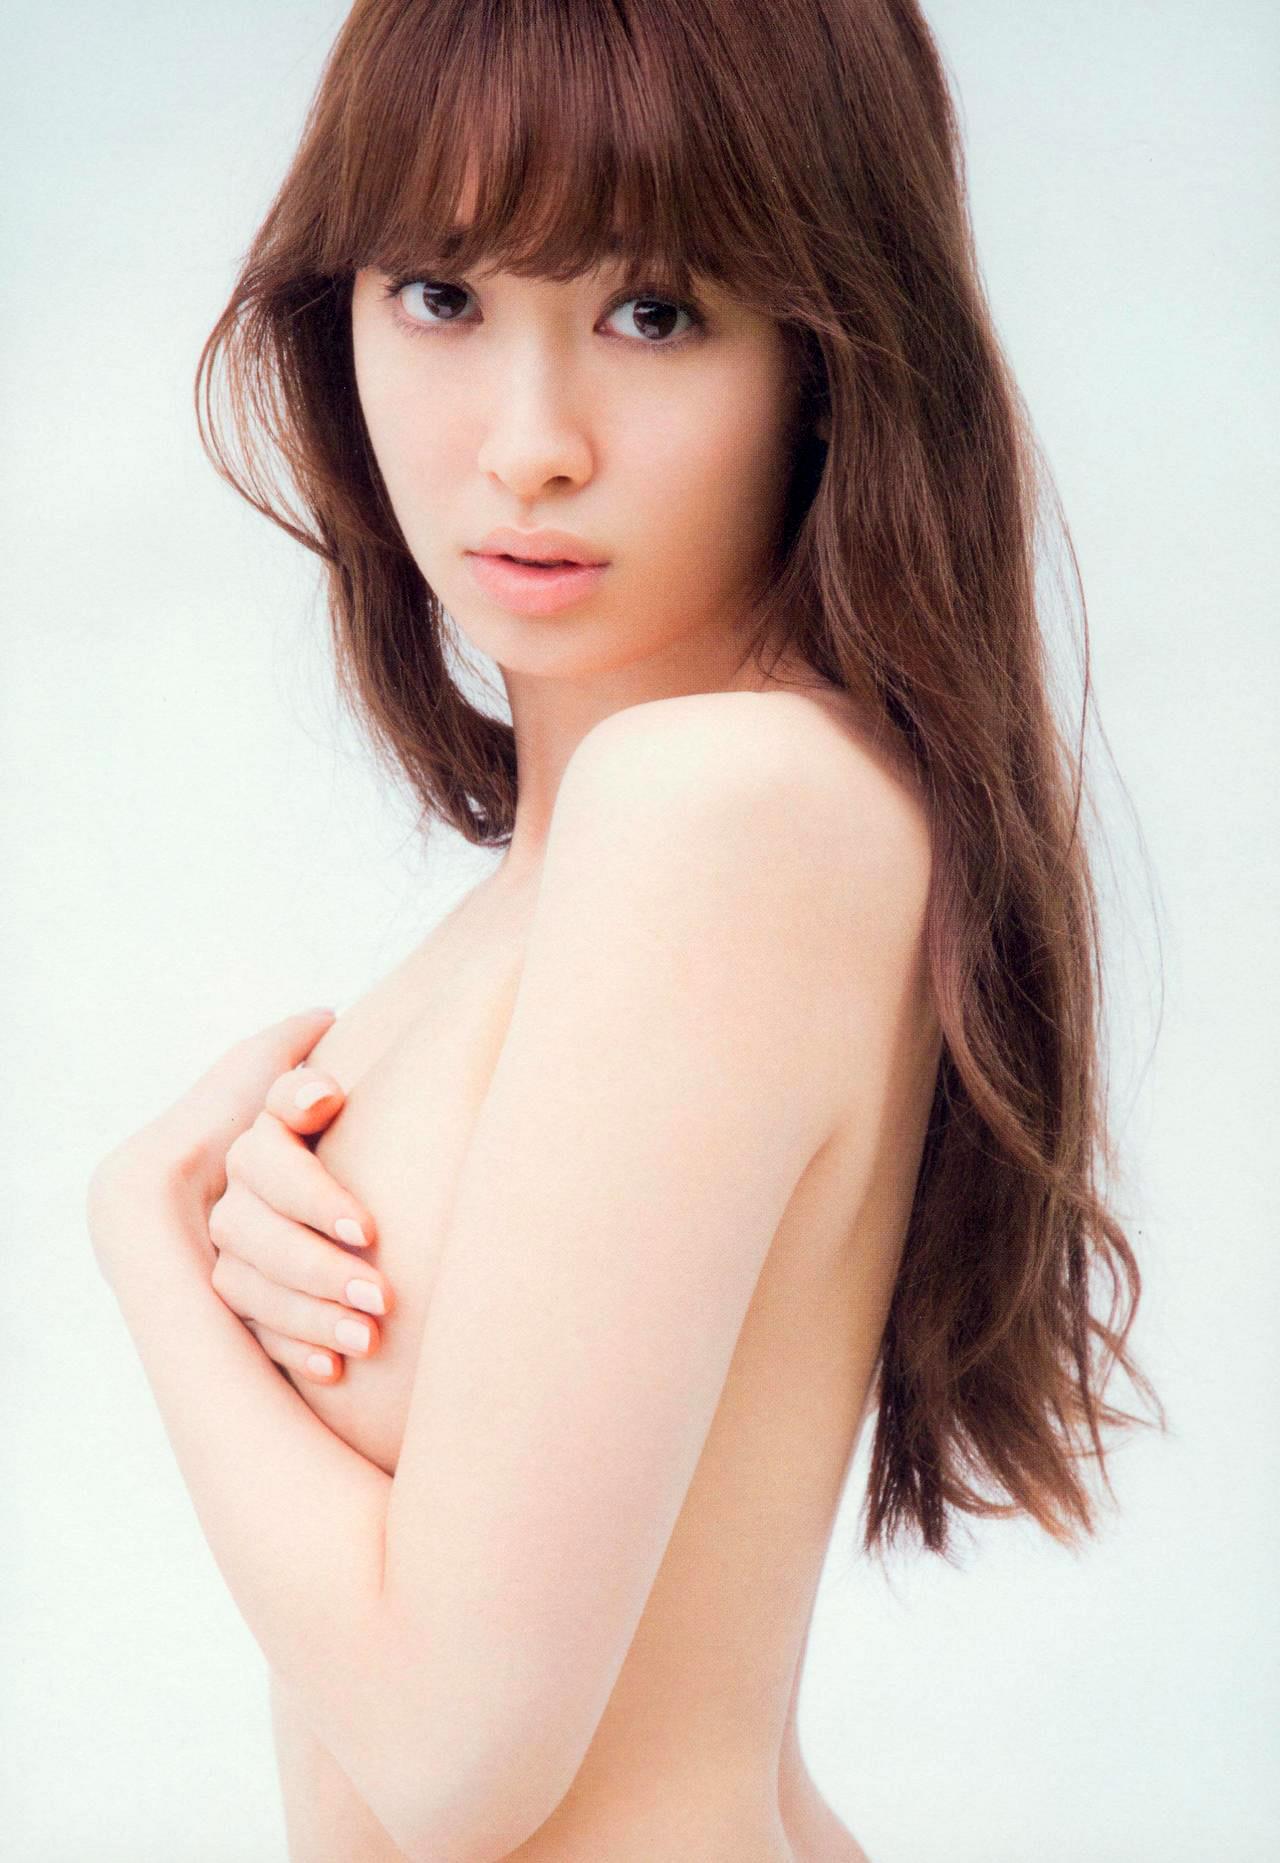 小嶋陽菜 ランジェリー画像 31